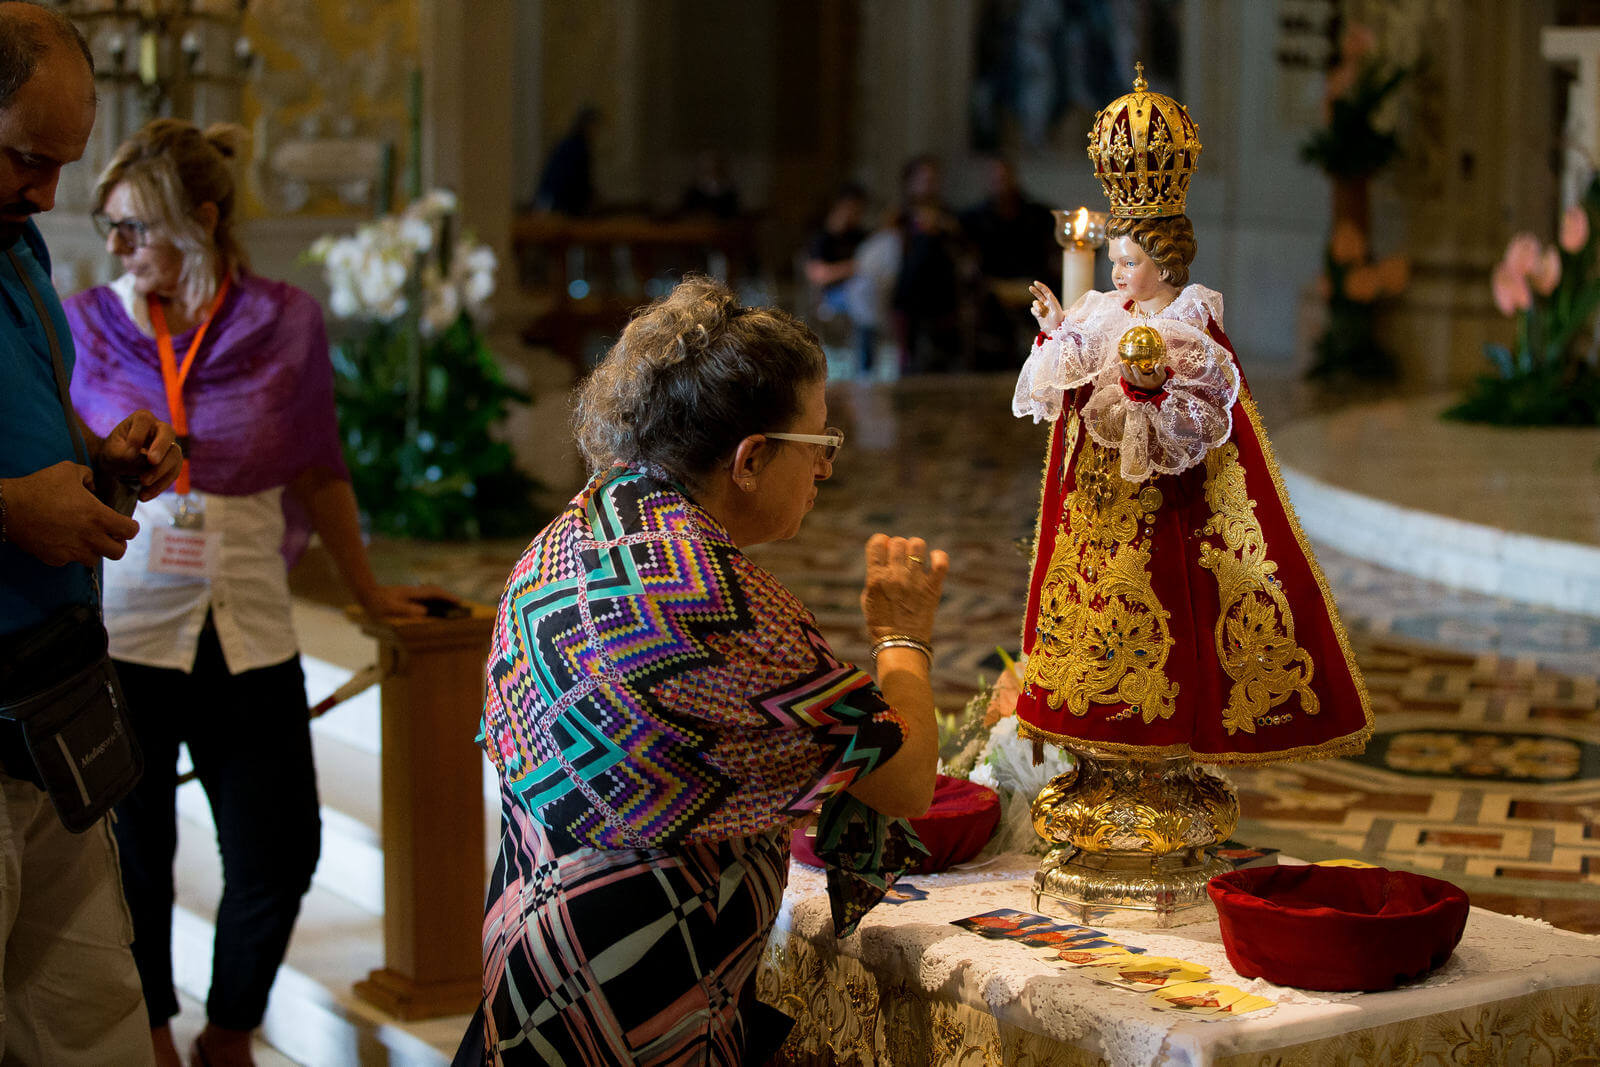 Santo Bambino di Praga